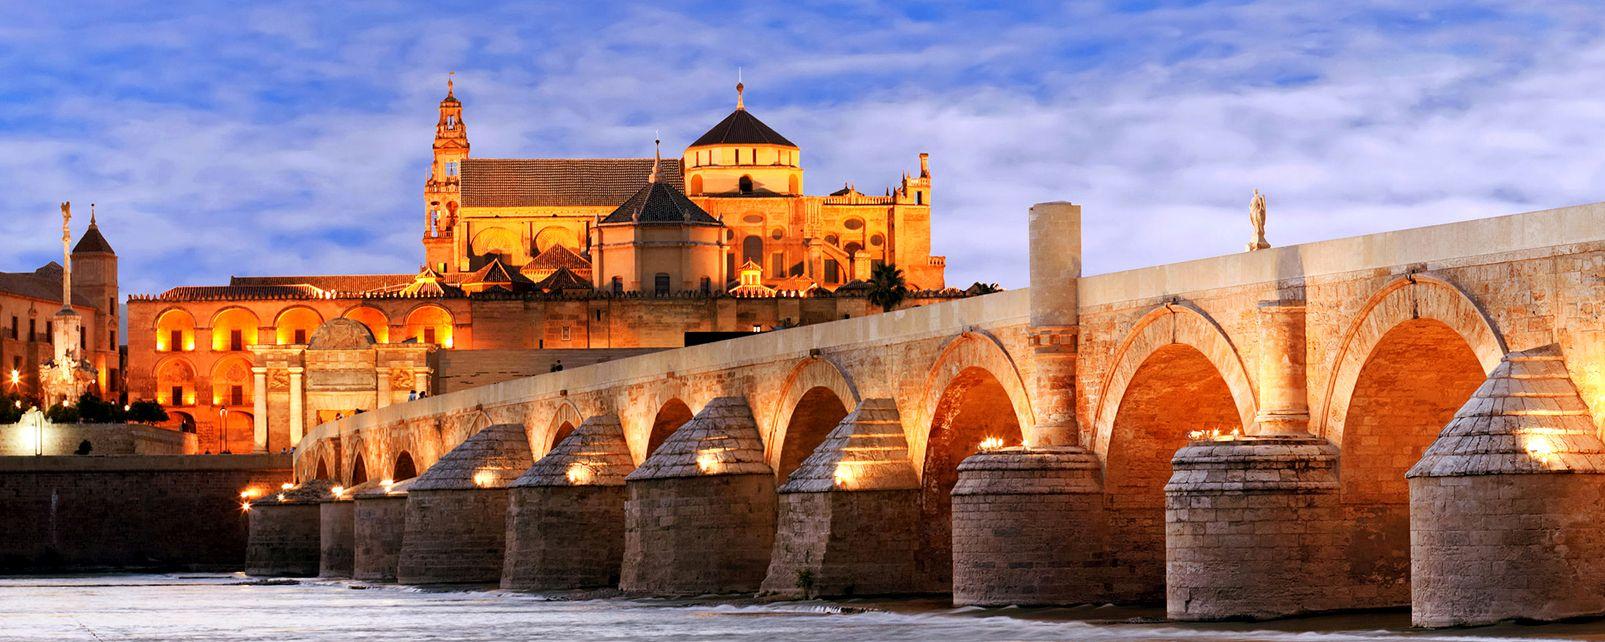 La cathédrale de Cordoue , La mosquée-cathédrale de Cordoue , Espagne